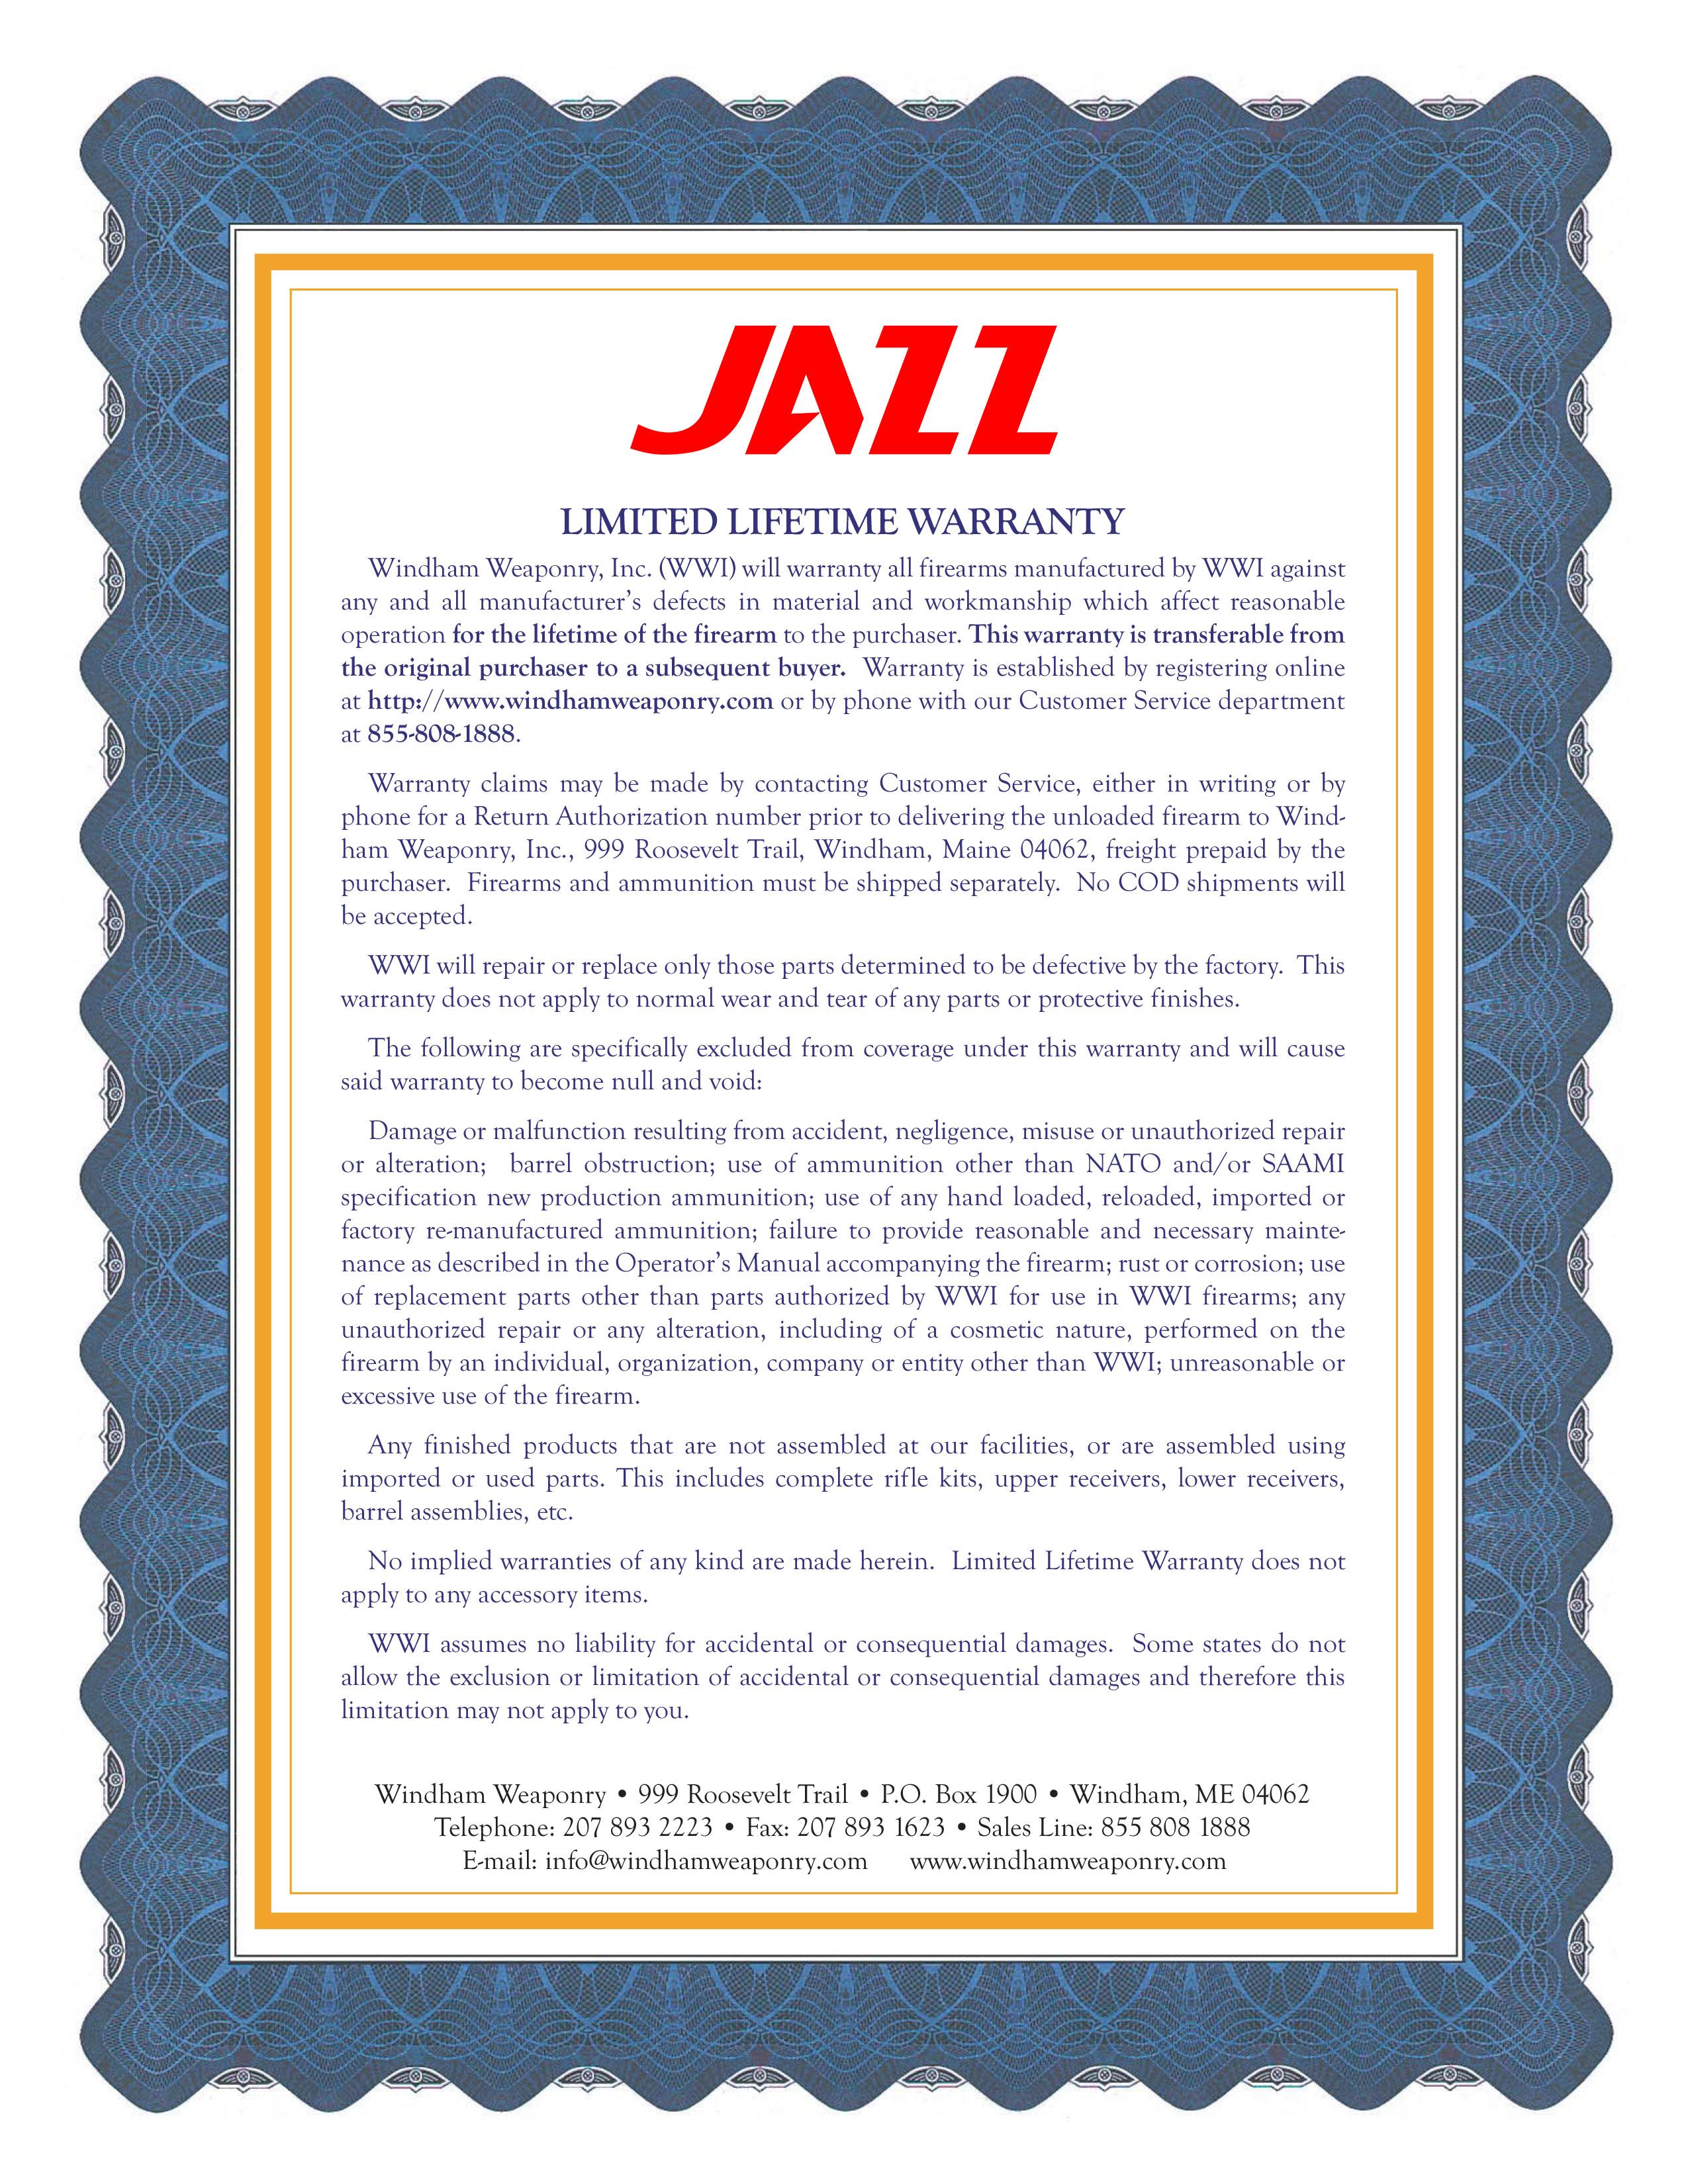 W-W Warranty Certificate.eps